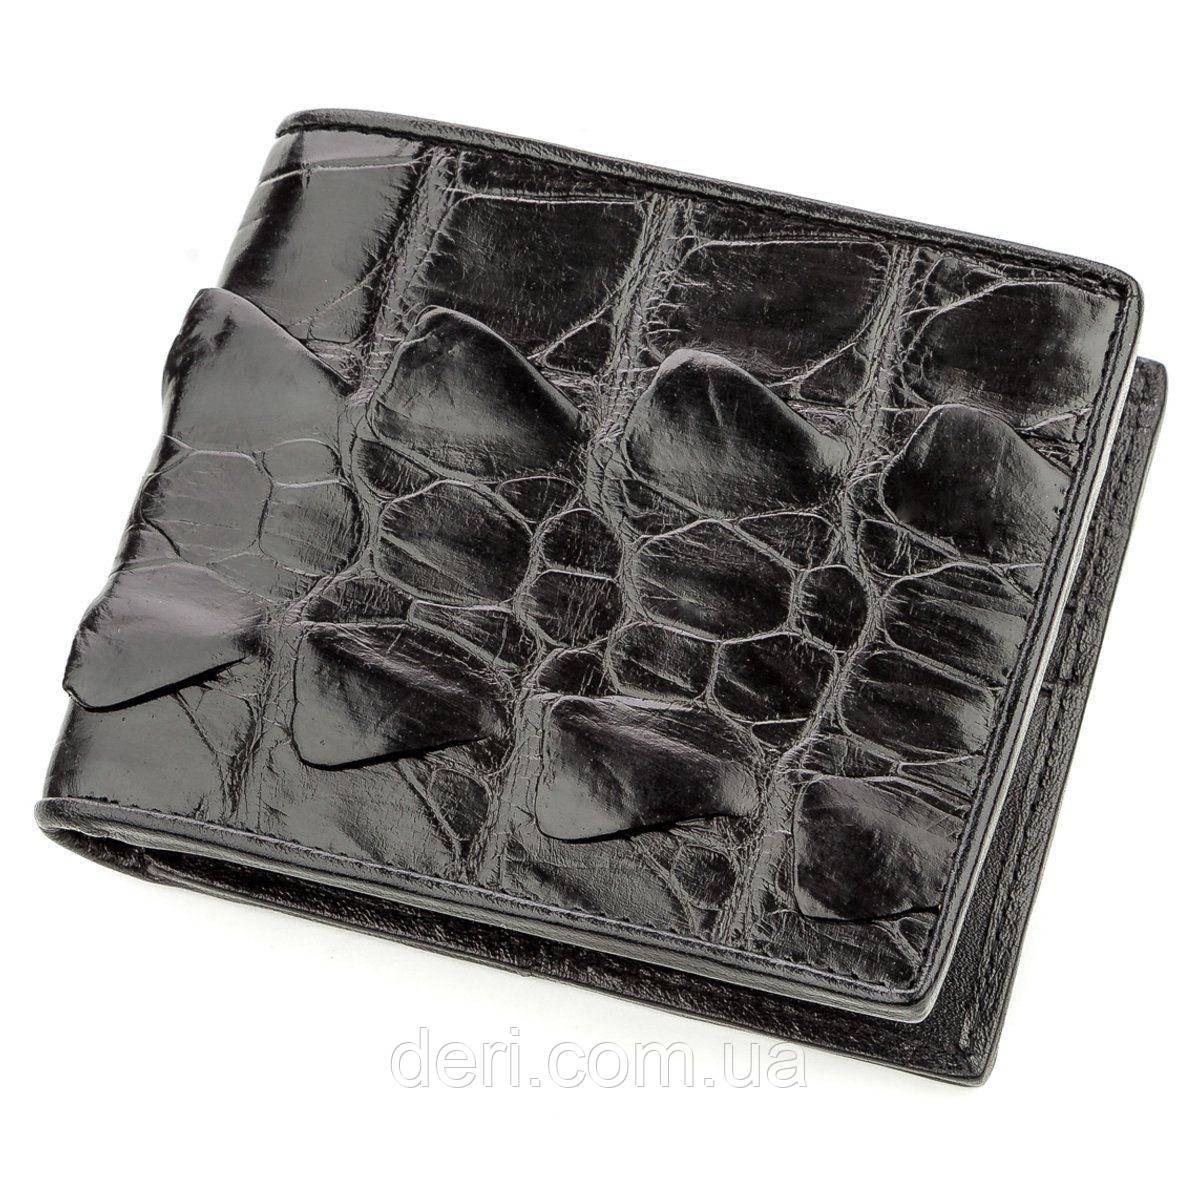 Бумажник мужской CROCODILE LEATHER 18583 из натуральной кожи крокодила Черный, Черный